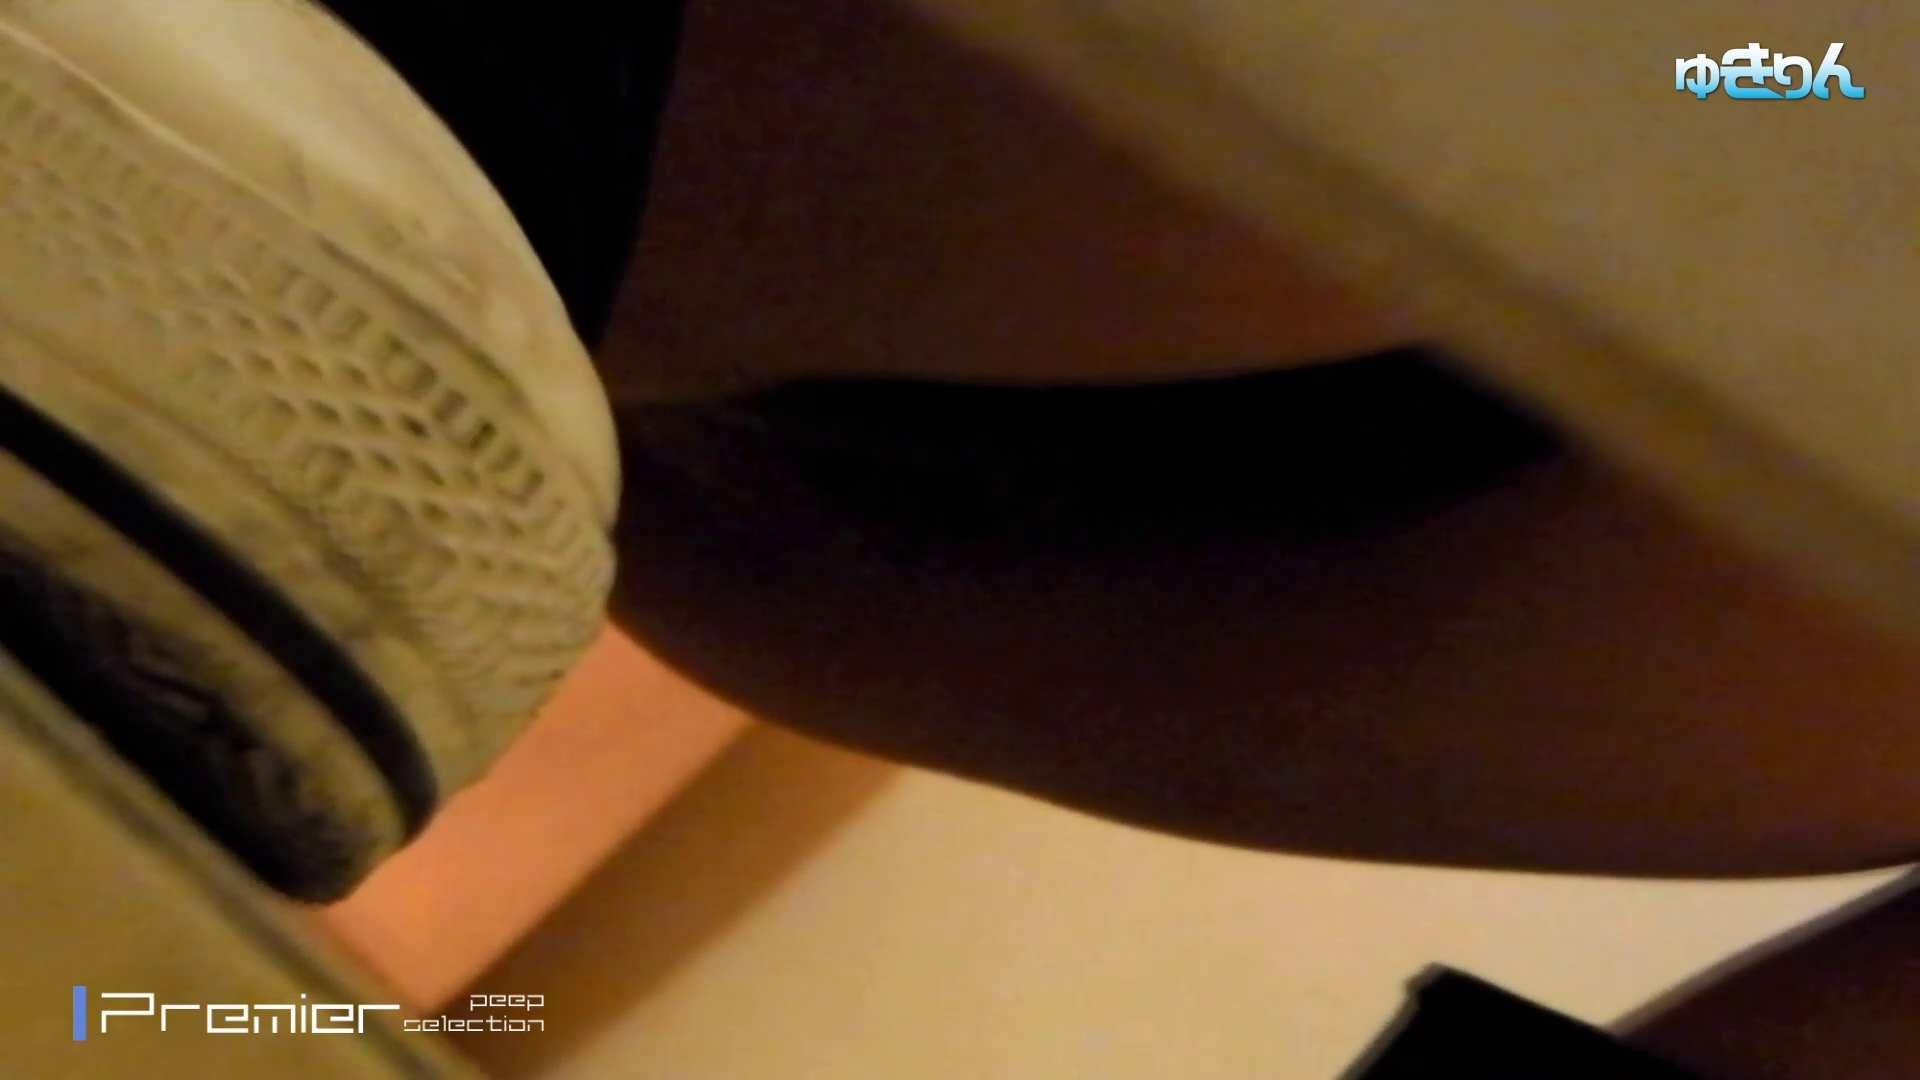 新世界の射窓 No98 キターッ特別に可愛い子の為、外まで粘着追い撮り!! ギャル達 戯れ無修正画像 110枚 42